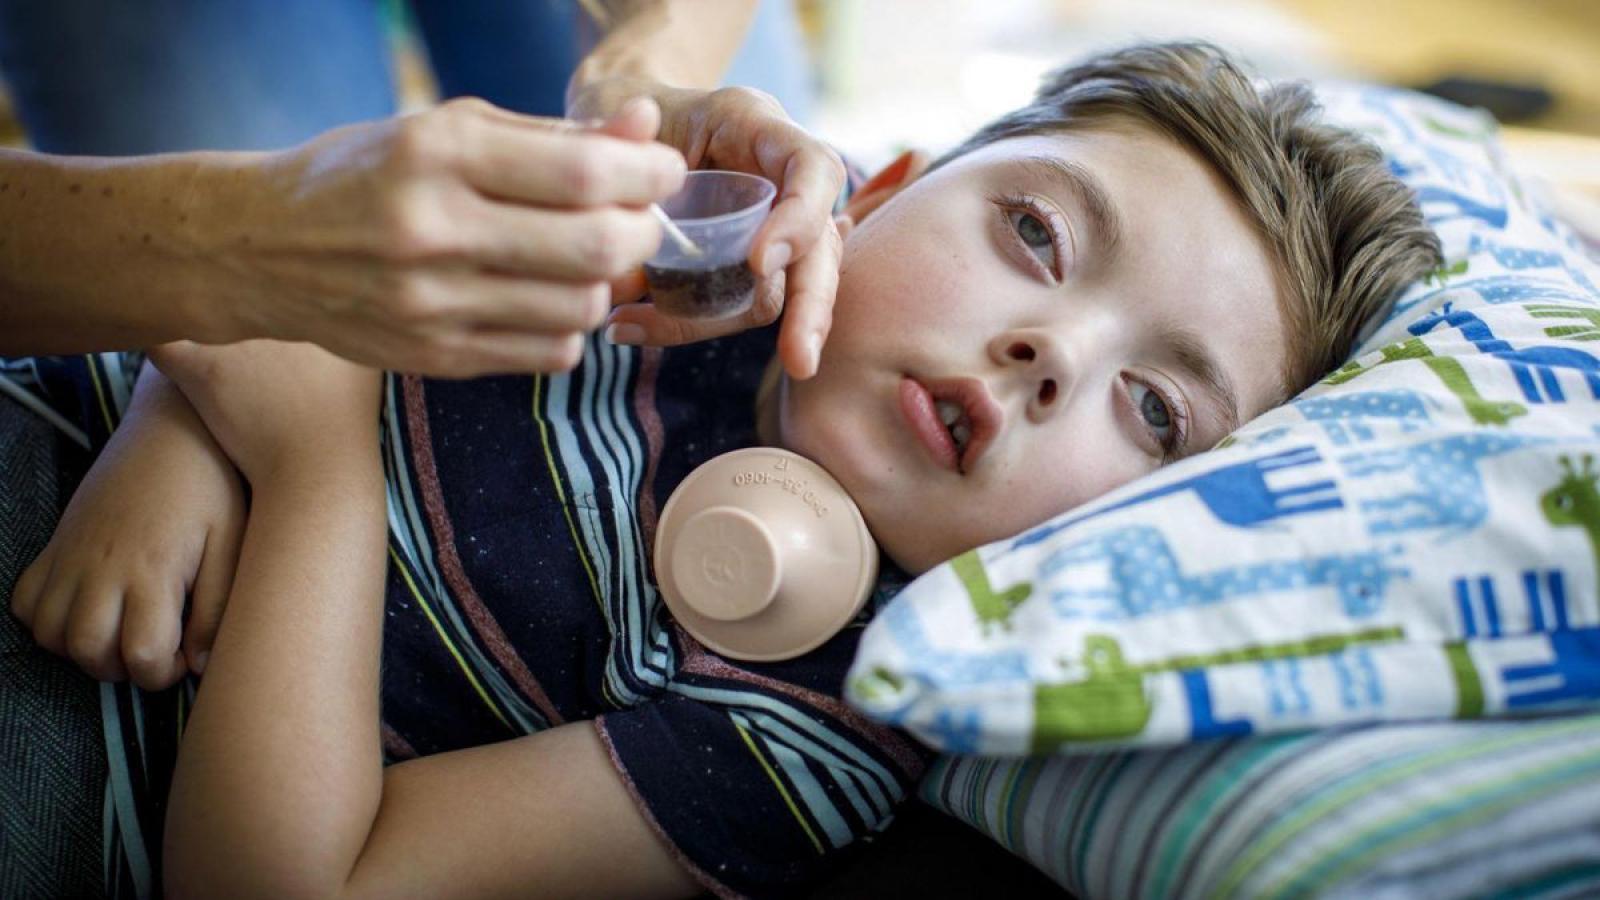 بیماری کراب یک اختلال ارثی است که در آن پوشش حفاظتی سلول¬های عصبی (میلین) در مغز و کل سیستم عصبی دچار آسیب می شود. این بیماری بیشتر در نوزادان دیده میشود (زمان شروع بیماری قبل از 6 ماهگی) اما این احتمال وجود دارد که در سنین بالاتر نیز ایجاد شود. متأسفانه در حال حاضر هیچ درمانی برای بیماری کراب وجود ندارد و بیشتر نوزادان مبتلا به این بیماری قبل از 2 سالگی میمیرند. وقتی این بیماری در کودکان بزرگتر و بزرگسالان بروز کند، روند بیماری میتواند بسیار متفاوت باشد.